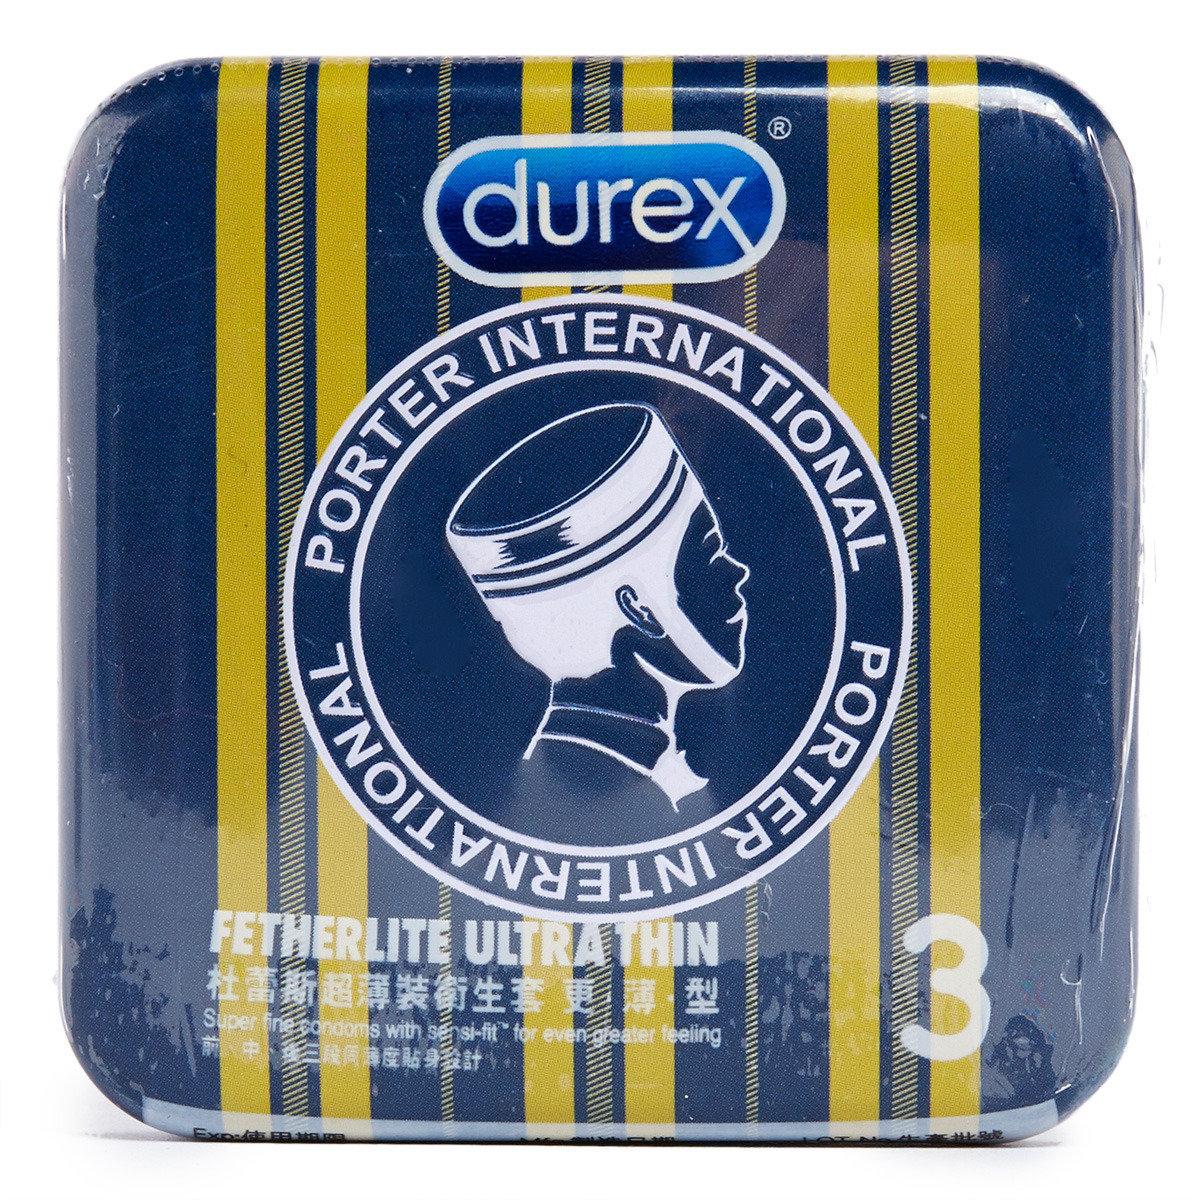 杜蕾斯 x Porter 超薄裝衛生套更薄型3片 (黃直間)